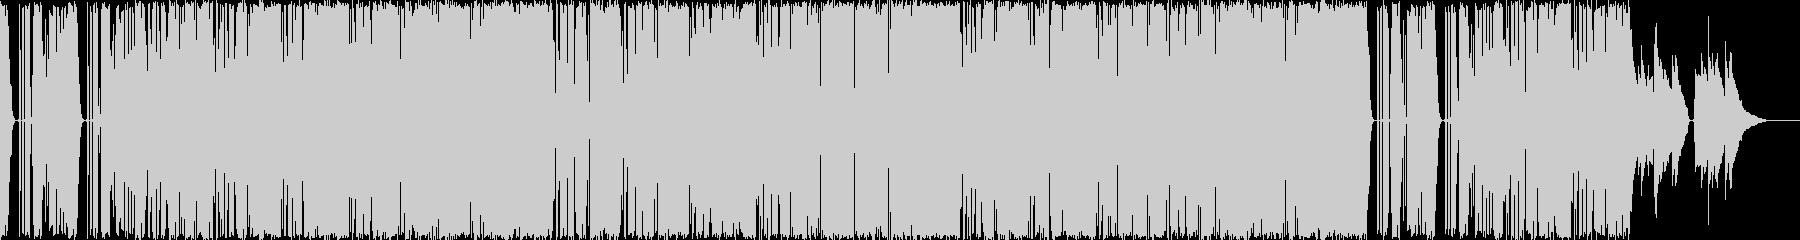 軽快なリズムが特徴的な楽曲です。様々な…の未再生の波形